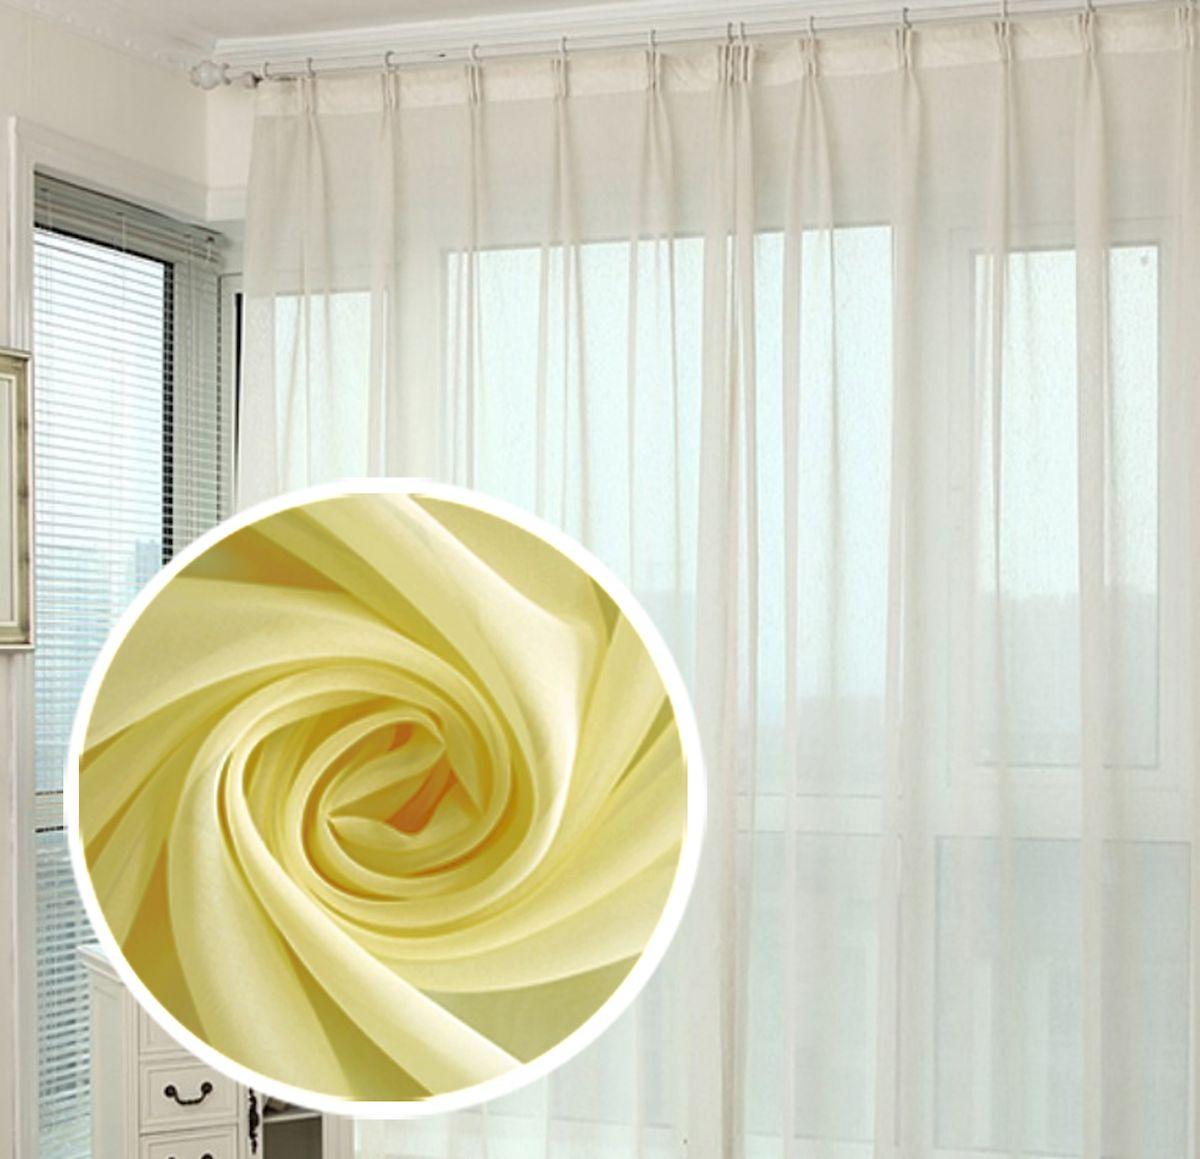 Тюль Amore Mio Однотонная, на ленте, цвет: желтый, высота 290 см78562Тюль Amore Mio нежного цвета в классическом однотонном исполнении изготовлен из 100% полиэстера. Воздушная ткань привлечет к себе внимание и идеально оформит интерьер любого помещения. Полиэстер - вид ткани, состоящий из полиэфирных волокон. Ткани из полиэстера легкие, прочные и износостойкие. Такие изделия не требуют специального ухода, не пылятся и почти не мнутся. Крепление к карнизу осуществляется при помощи вшитой шторной ленты.